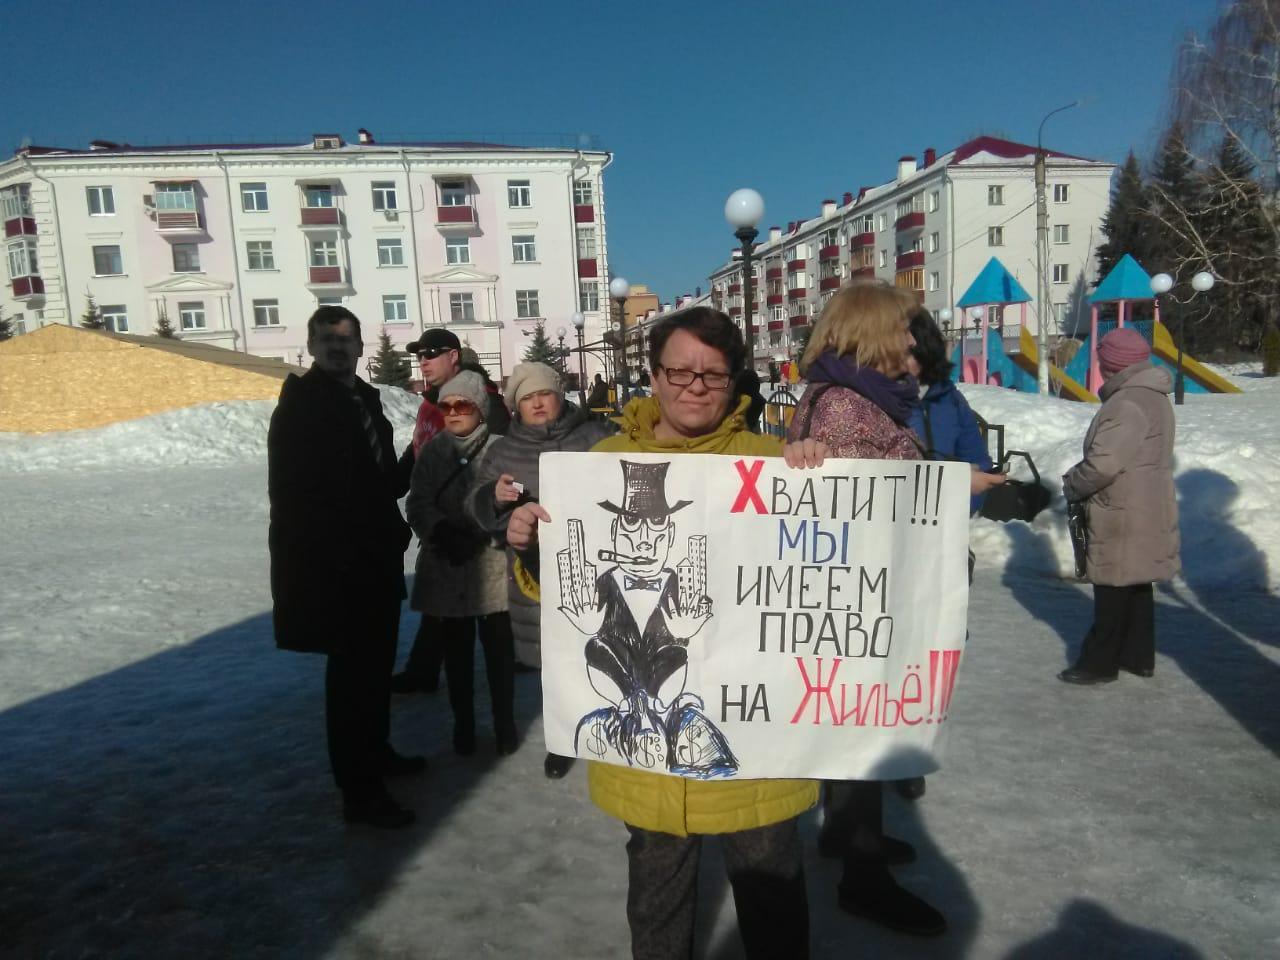 митинг в Зеленодольске против действующих условий расселения аварийного жилья, 10 марта 2019 года. Участие приняли порядка 500 человек